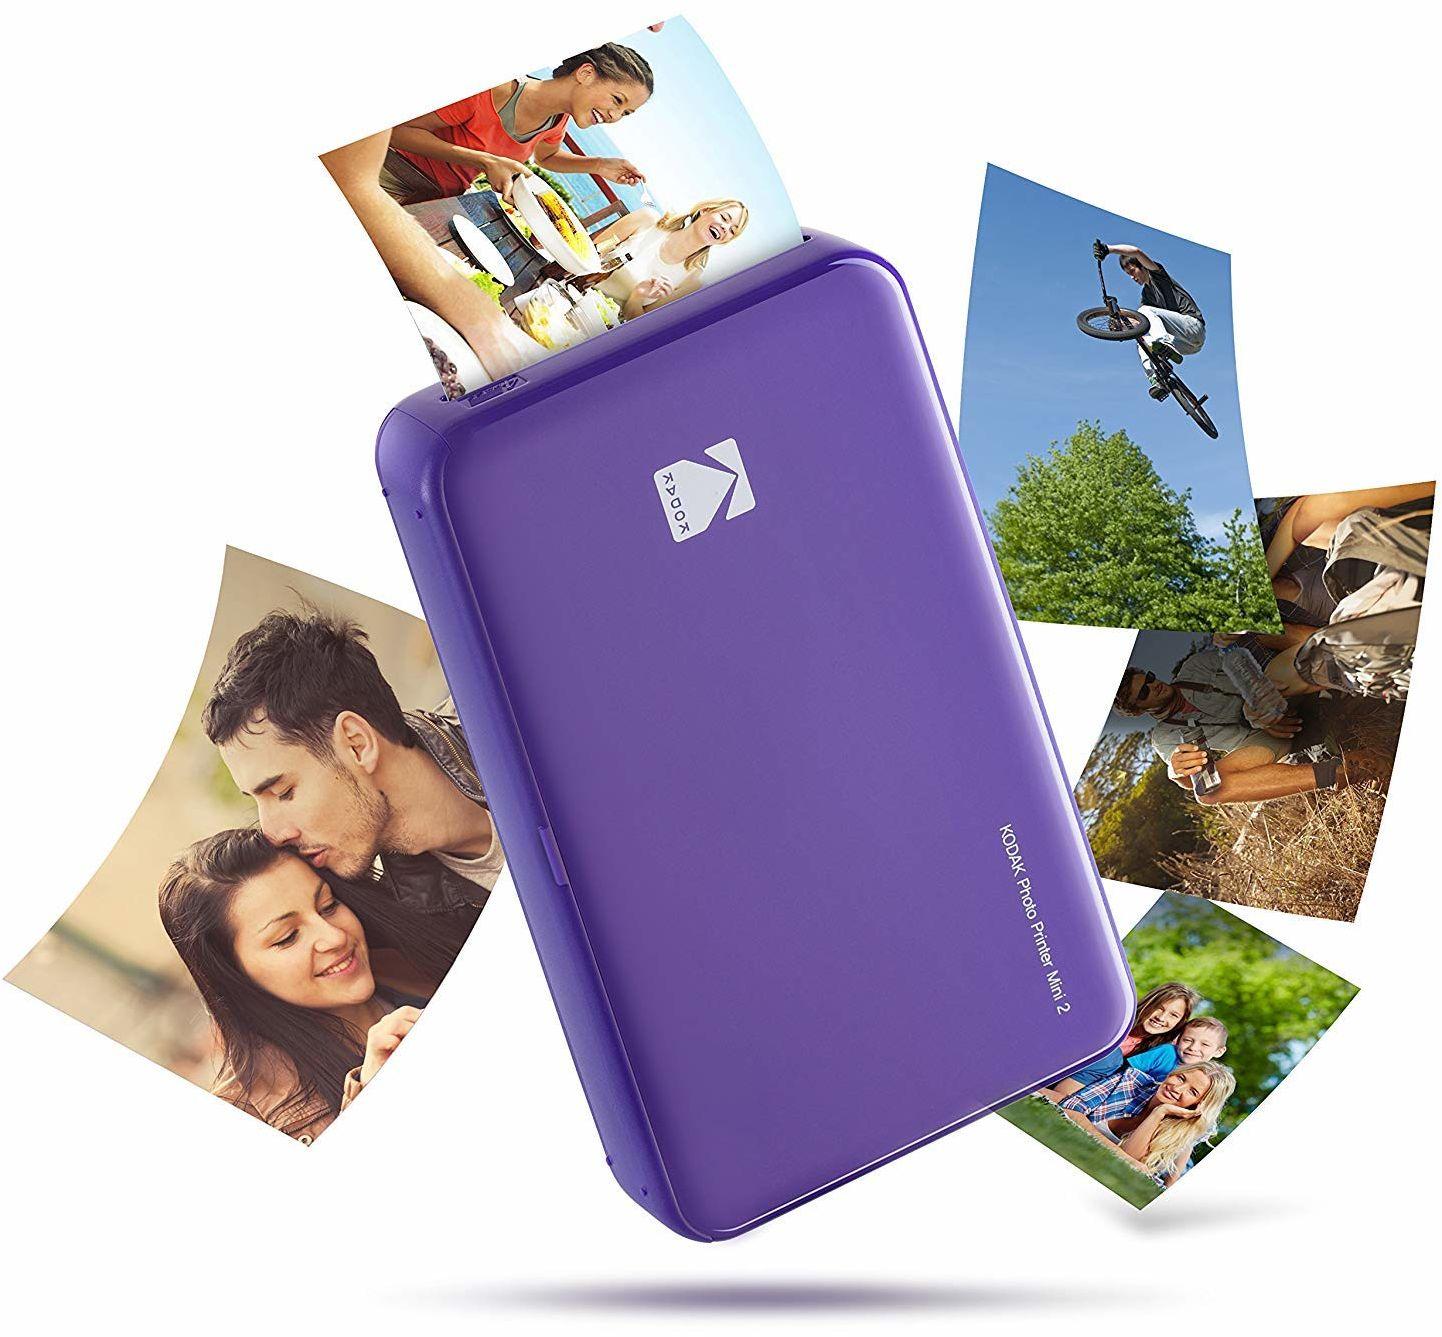 Kodak Mini 2 HD Wireless Mobile Instant drukarka fotograficzna z opatentowaną technologią druku (fioletowa)  kompatybilna z urządzeniami iOS i Android  prawdziwy tusz w jednym